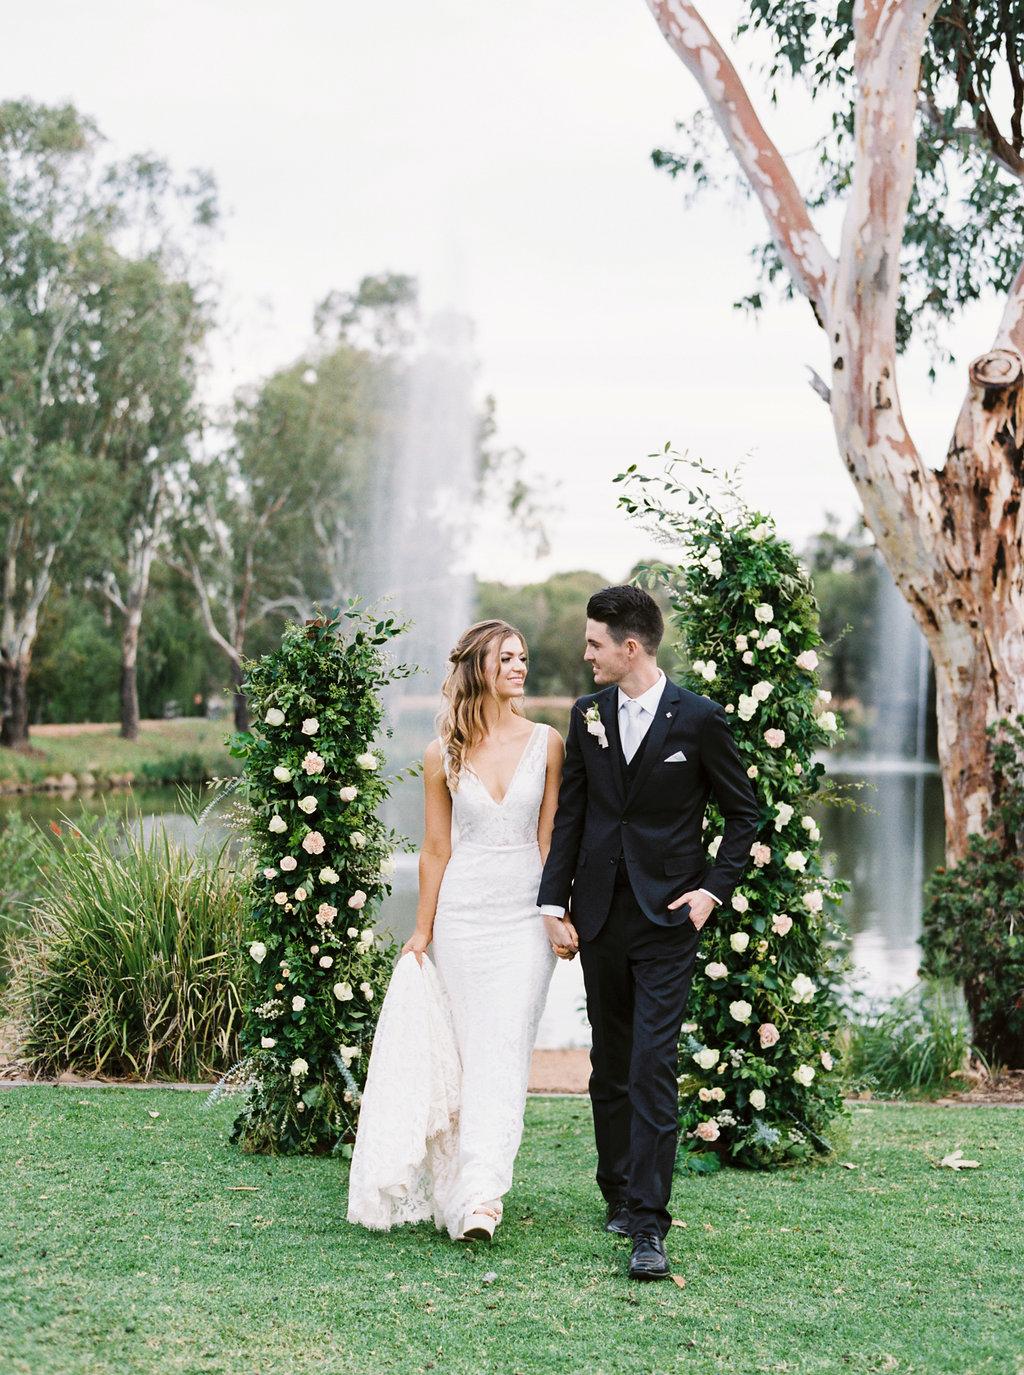 00175-AustraliaWeddingPhotographerSheriMcMahon.jpg